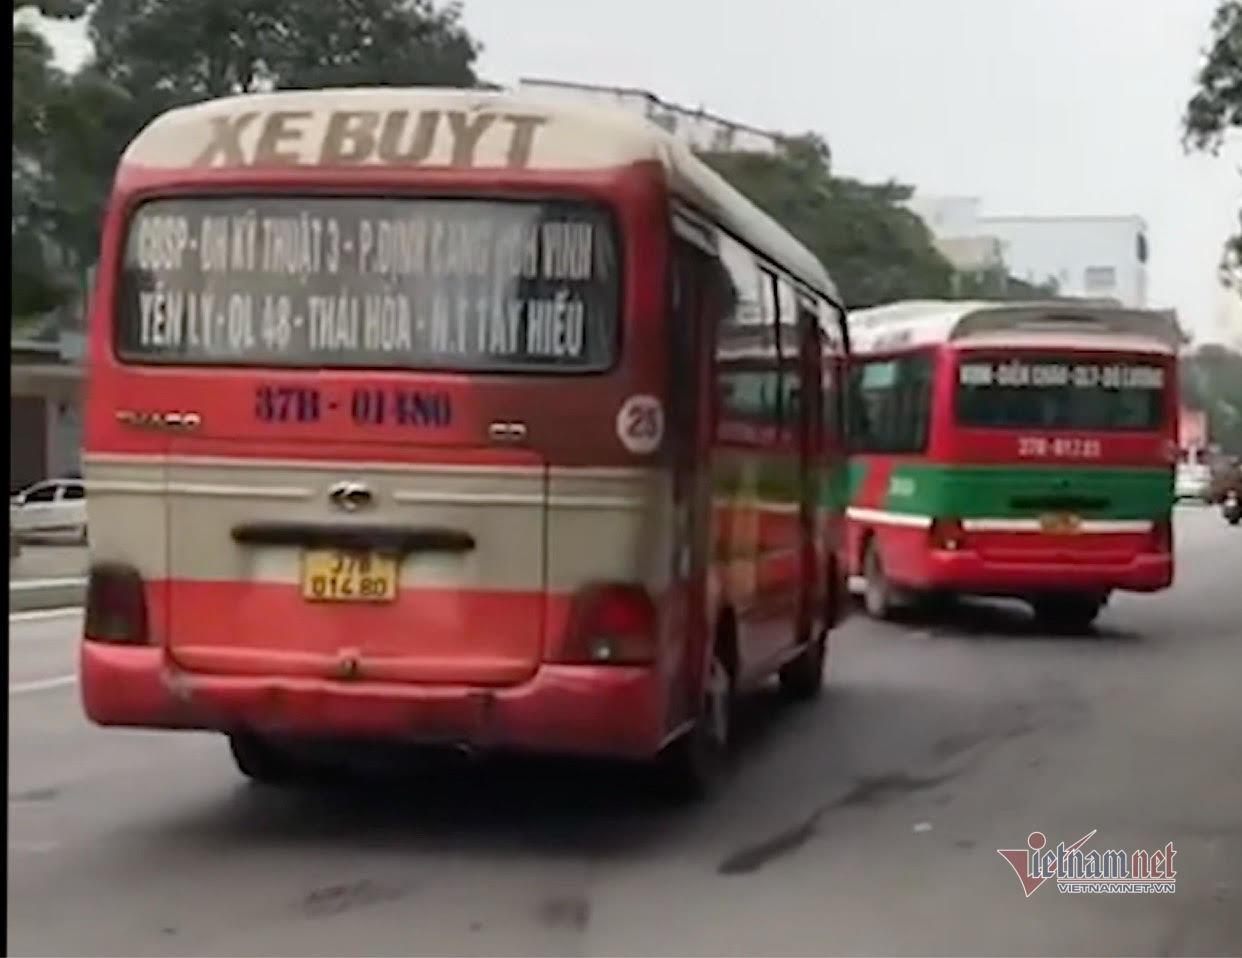 Hãi hùng cảnh xe buýt rượt đuổi, chặn đầu nhau trong TP Vinh